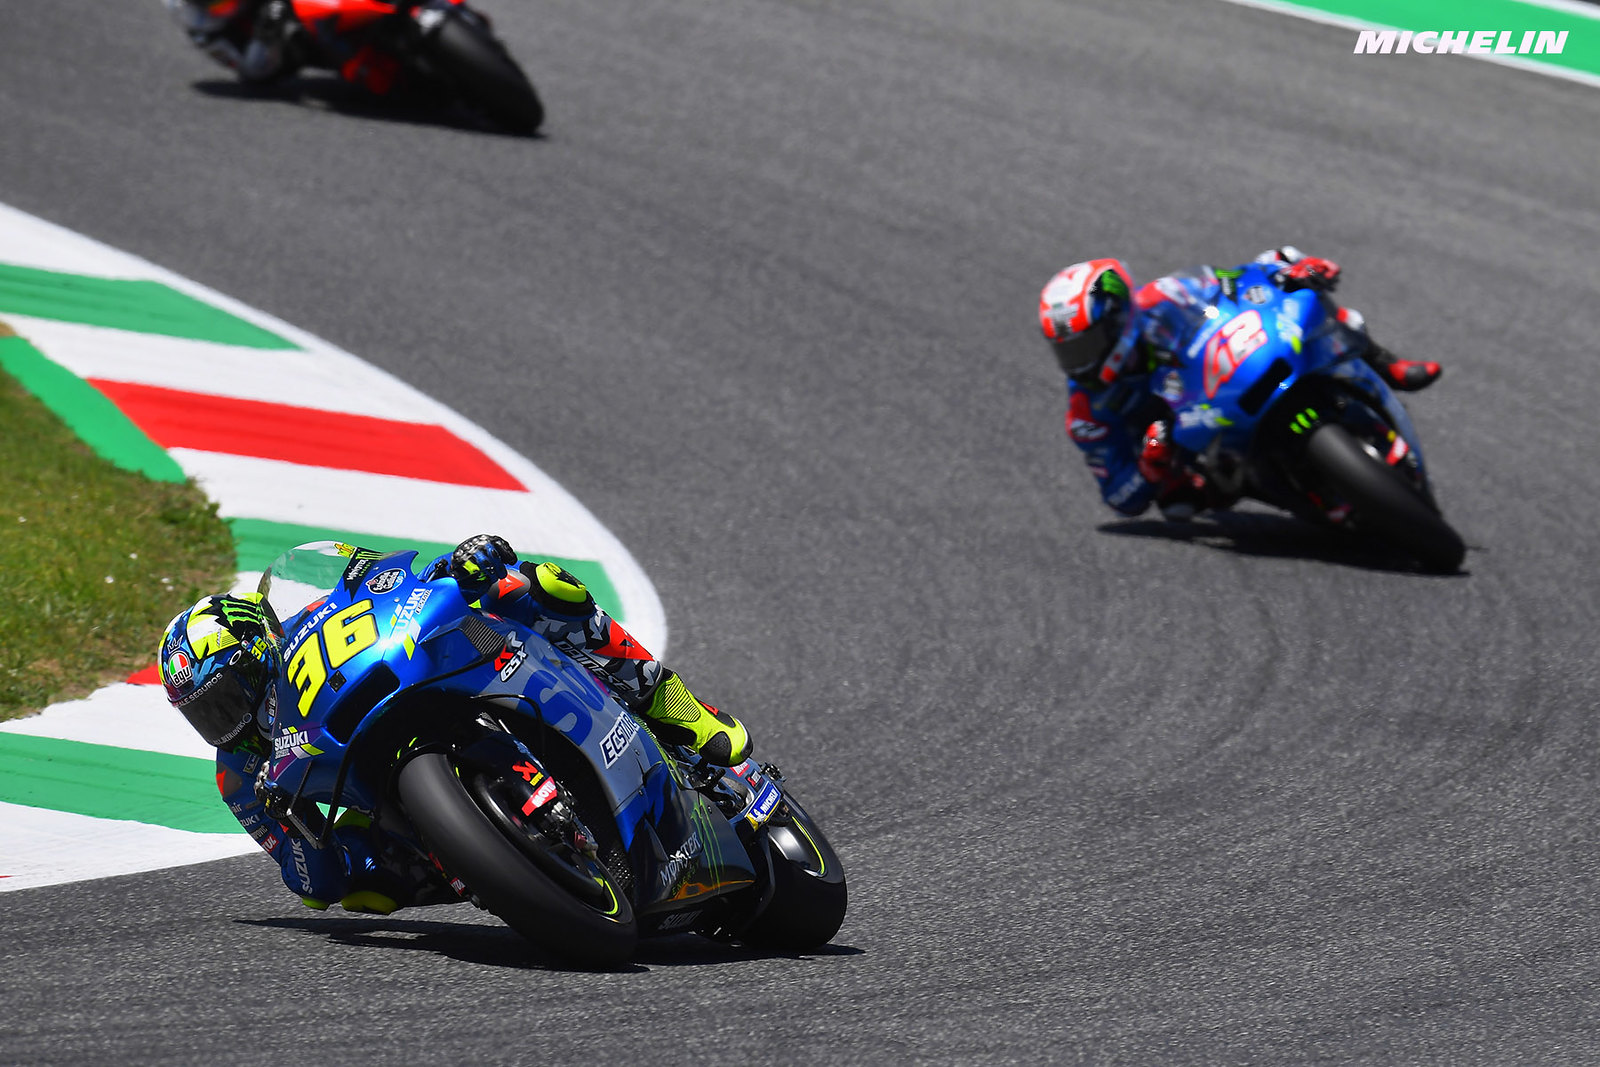 MotoGP2021イタリアGP 3位ジョアン・ミル「キャリアの中で最も難しいレースだった」